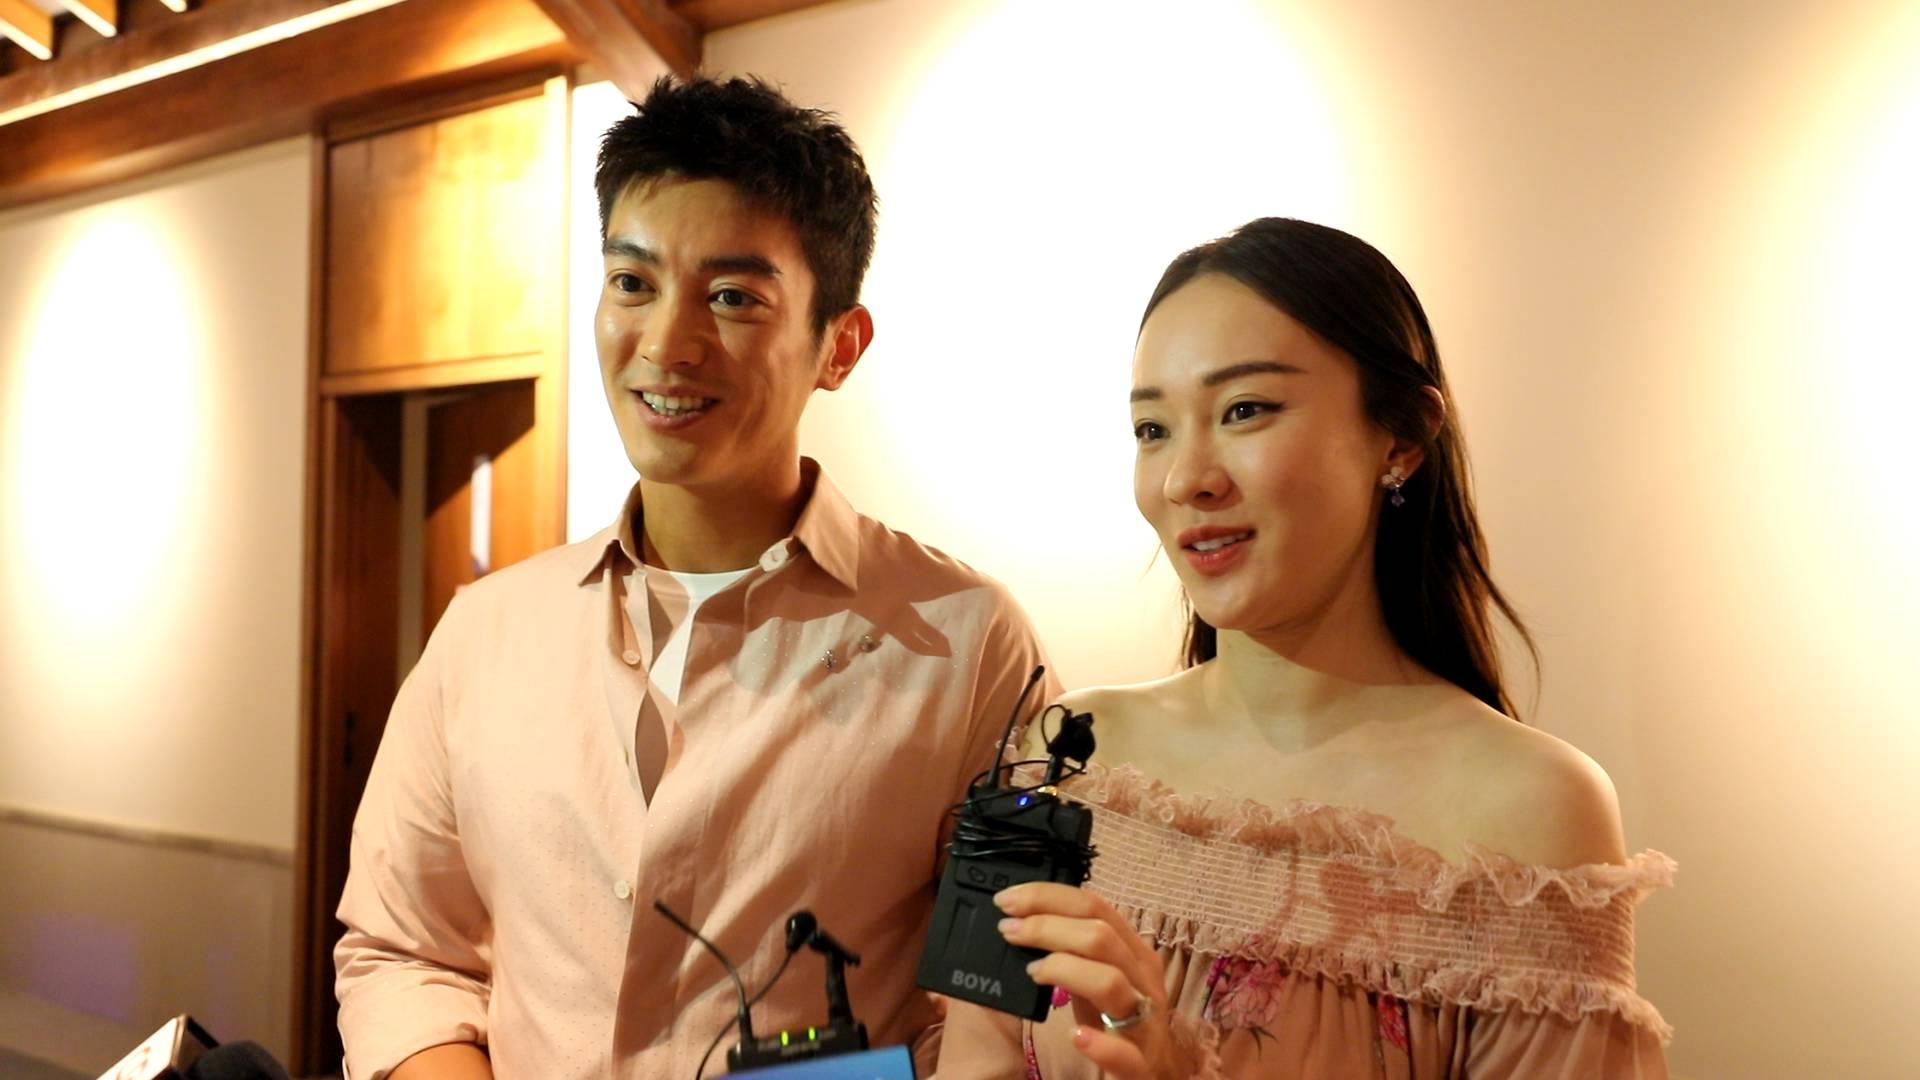 2018央视秋晚抢先看丨演员杜江:我是山东人 在家乡参加秋晚非常激动